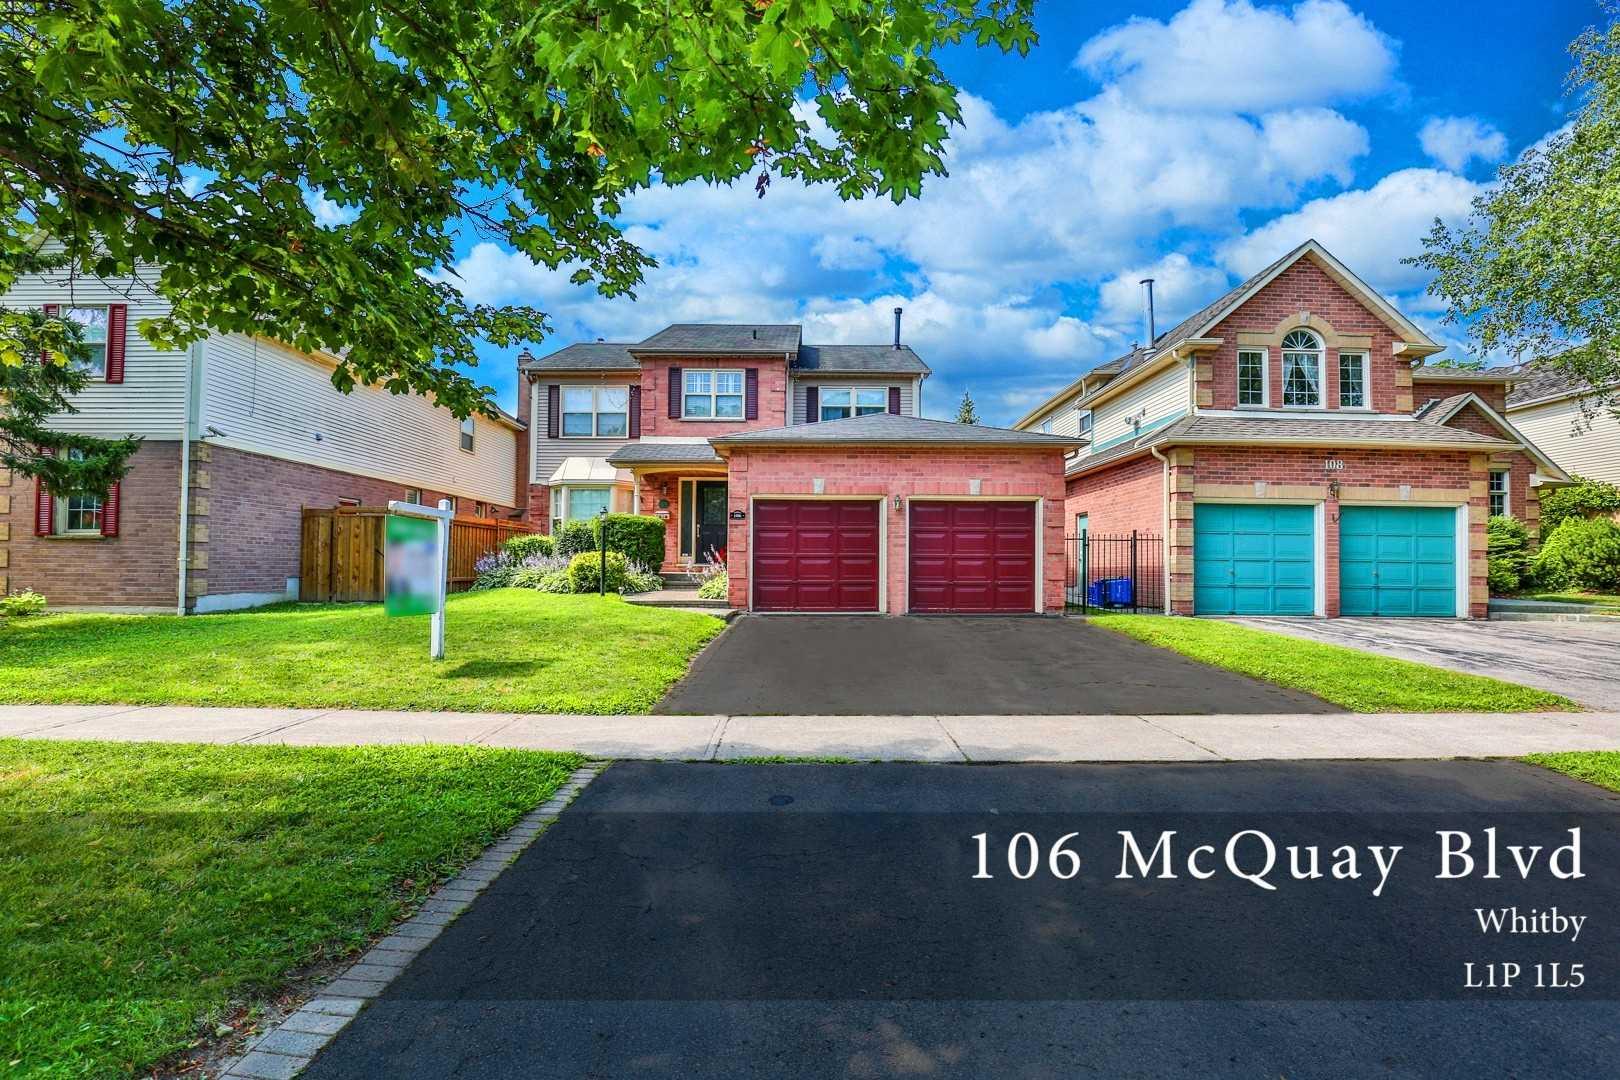 106 Mcquay Blvd, Whitby E4516813